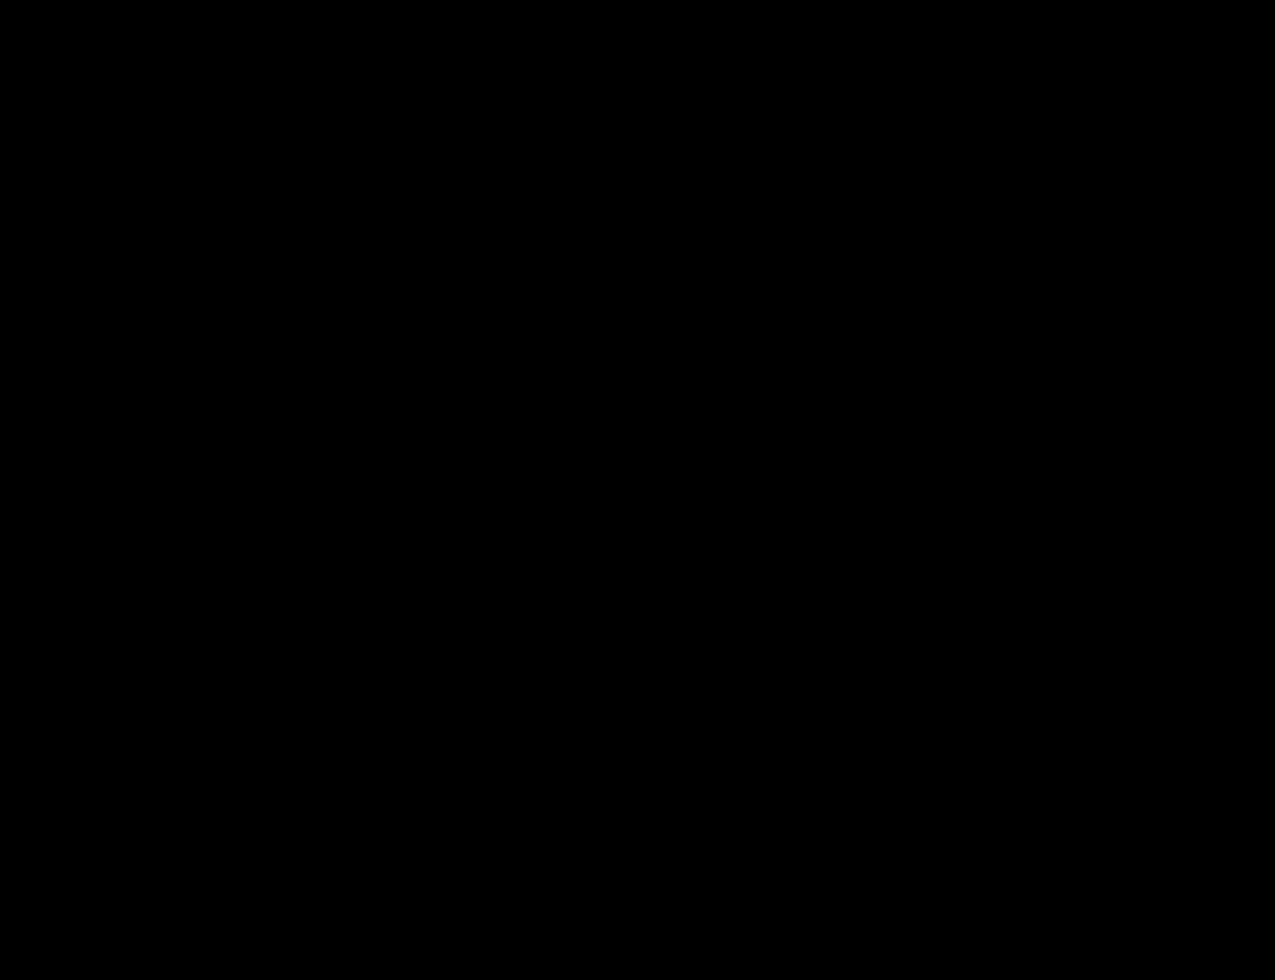 skallen älg png